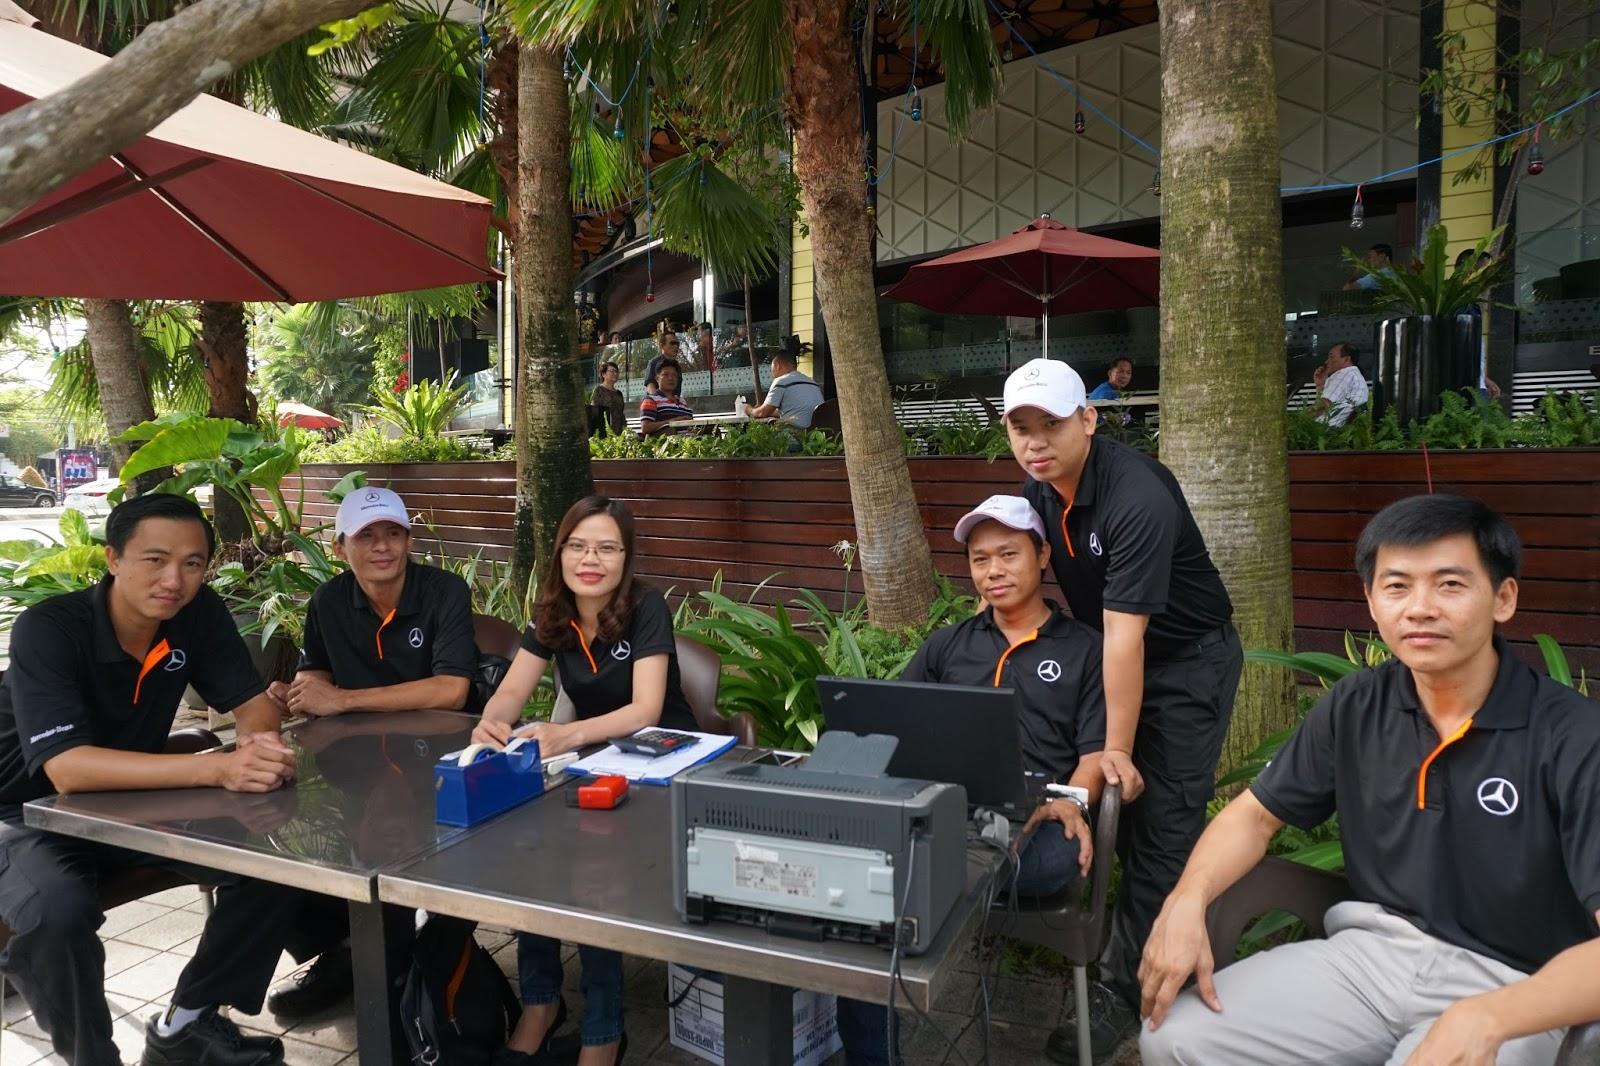 Đội ngũ kỹ sư, dịch vụ bảo hành, sửa chữa thân thiện, vui tính của Vietnam Star